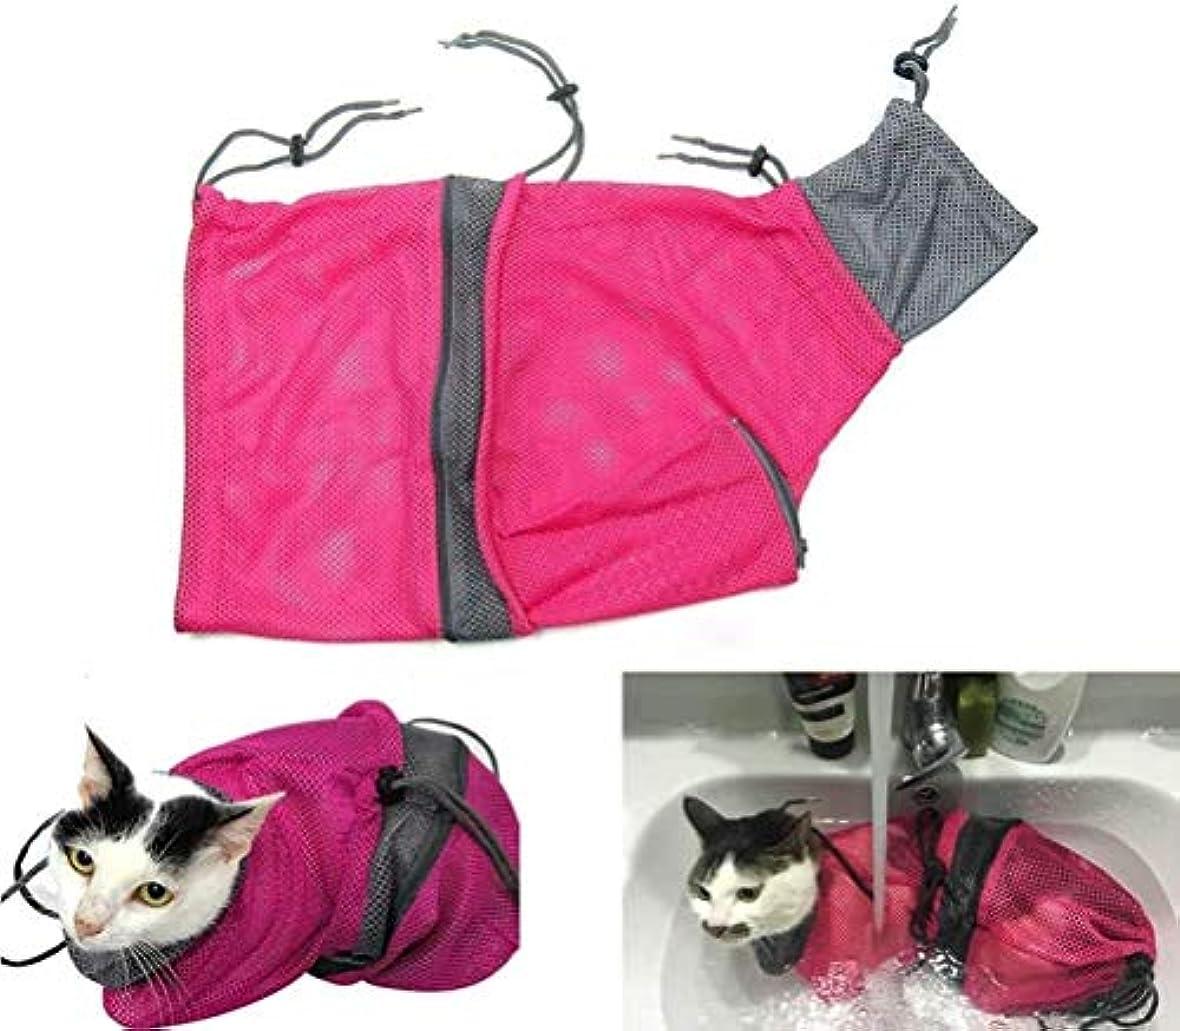 協同道徳教育教師の日Aftago 猫用 ネット みのむし袋 洗濯キャットバッグ 保定袋 猫 点眼 耳掃除 爪切り 入浴 脱走防止 動物病院 ペット美容室 飼い主家庭などに適用